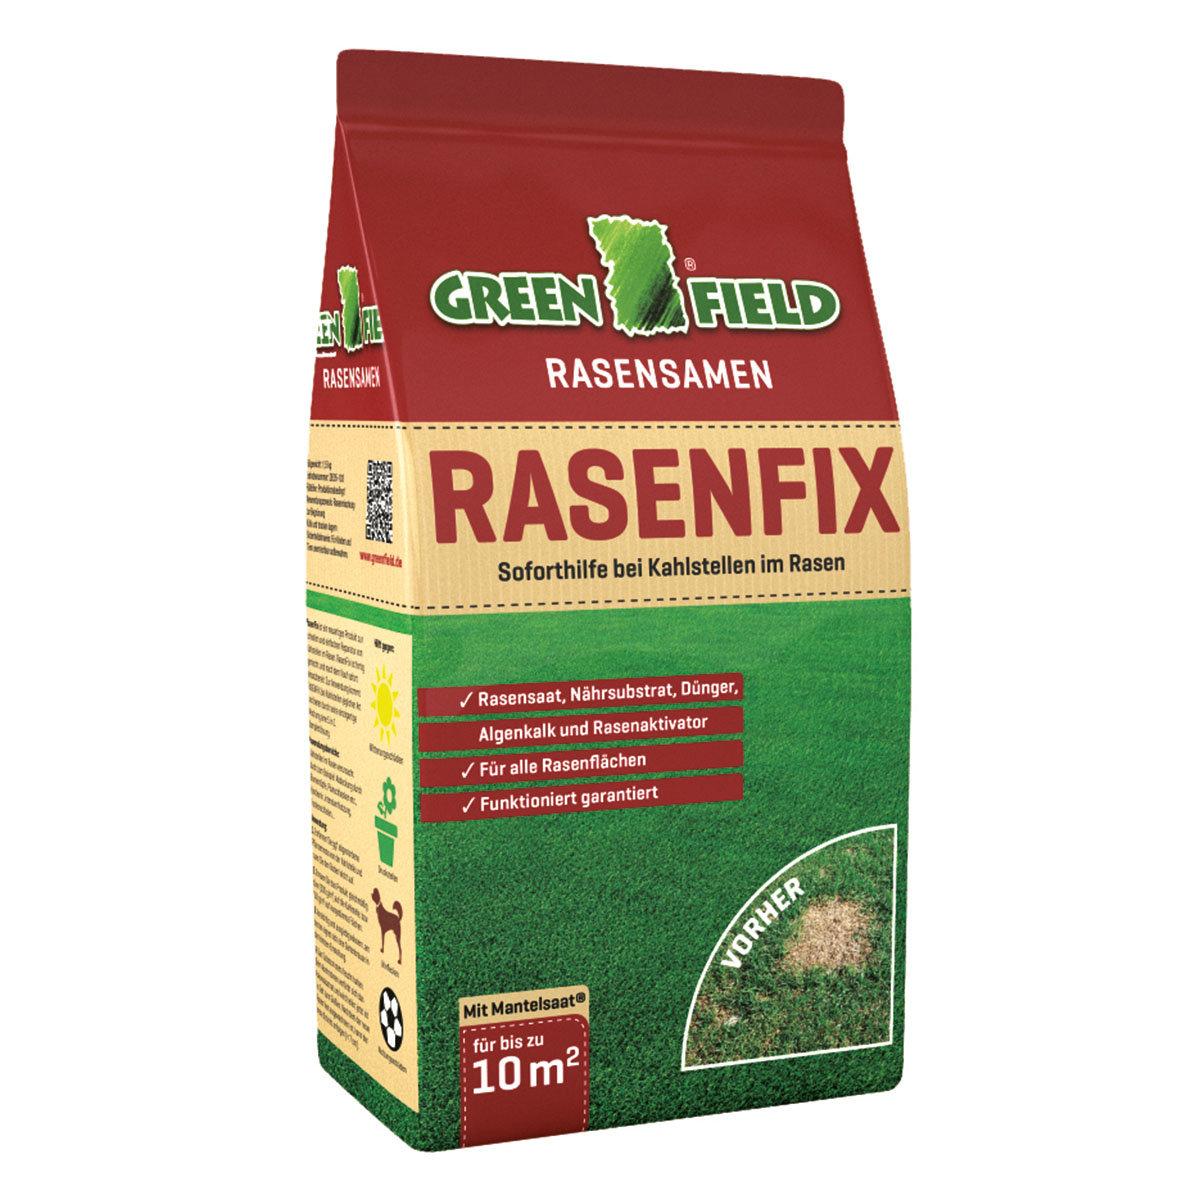 RasenFix, 1,5 kg